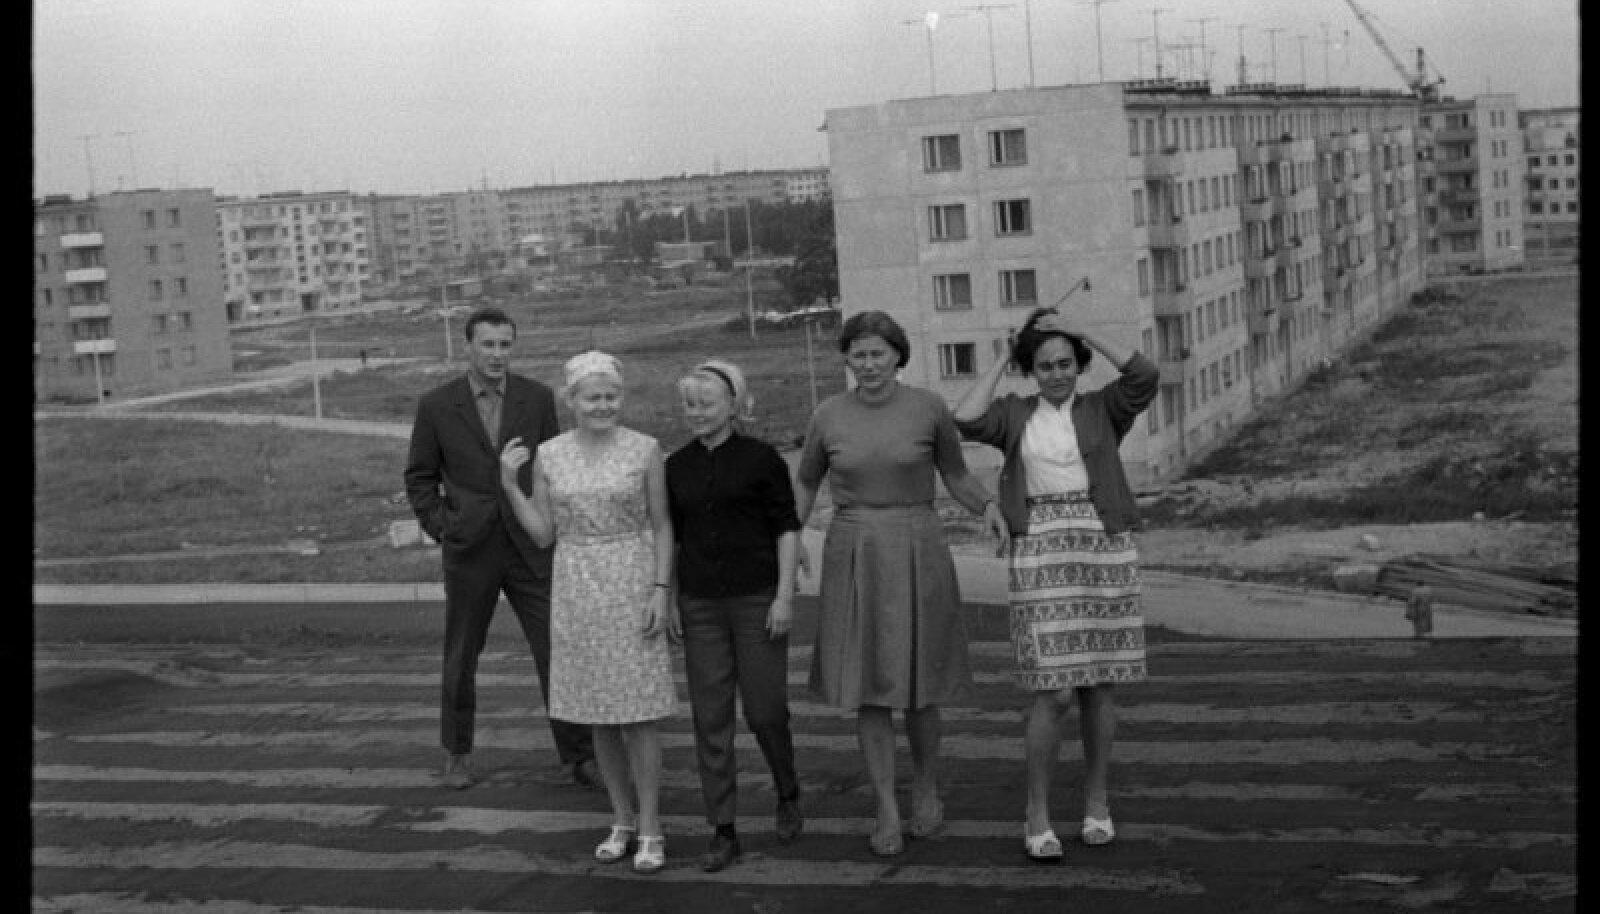 Grupp inimesi Tallinna 37. Keskkooli hoone katusel Mustamäe 5. mikrorajoonis.